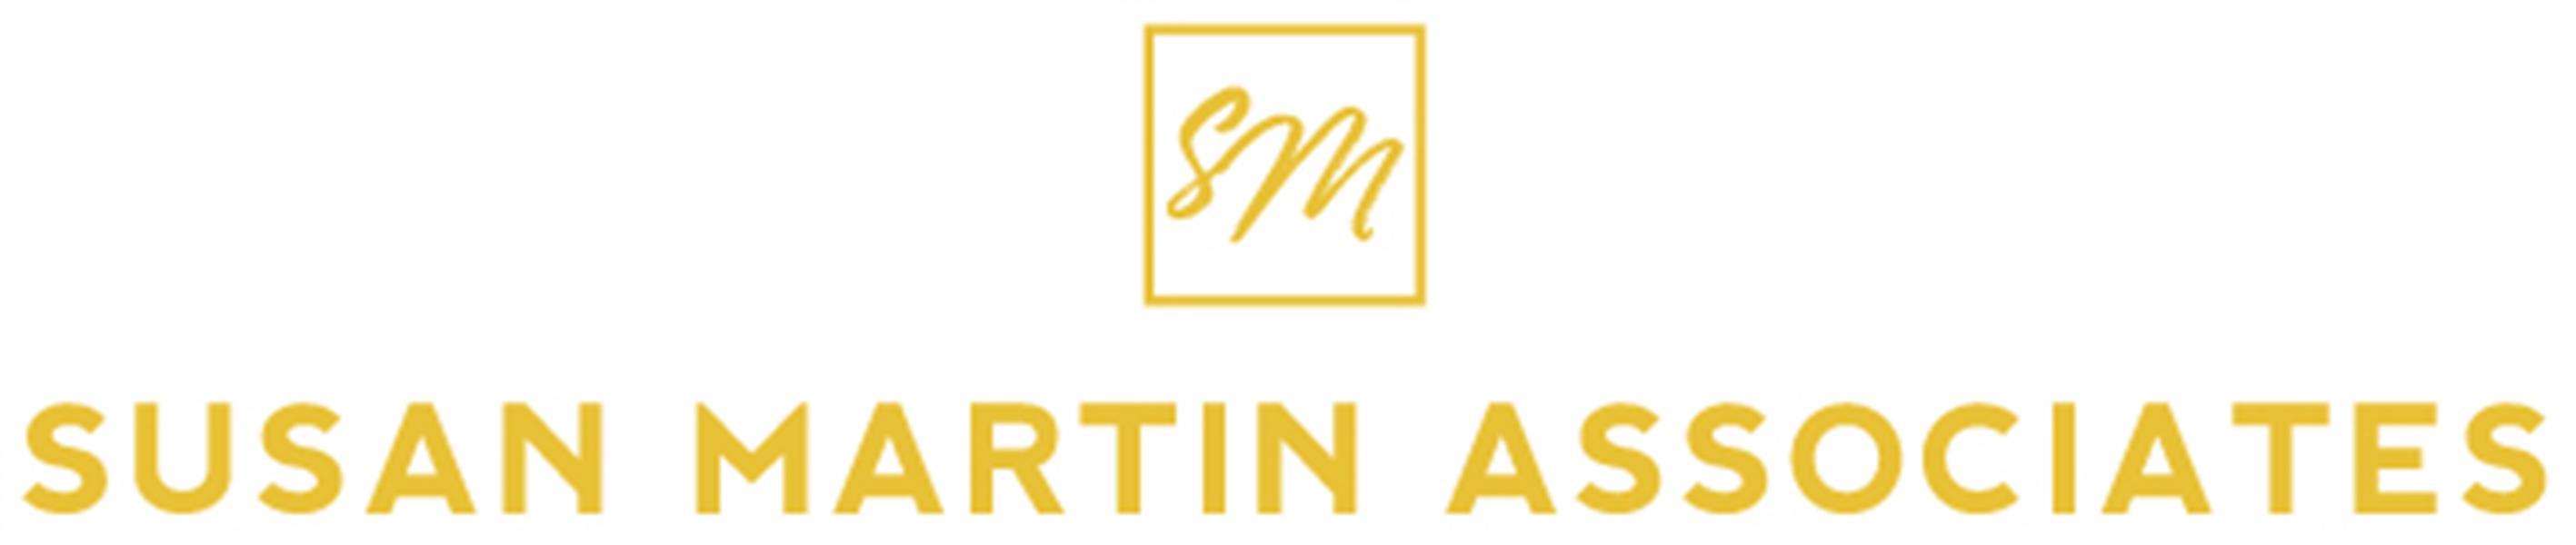 Susan Martin Associates